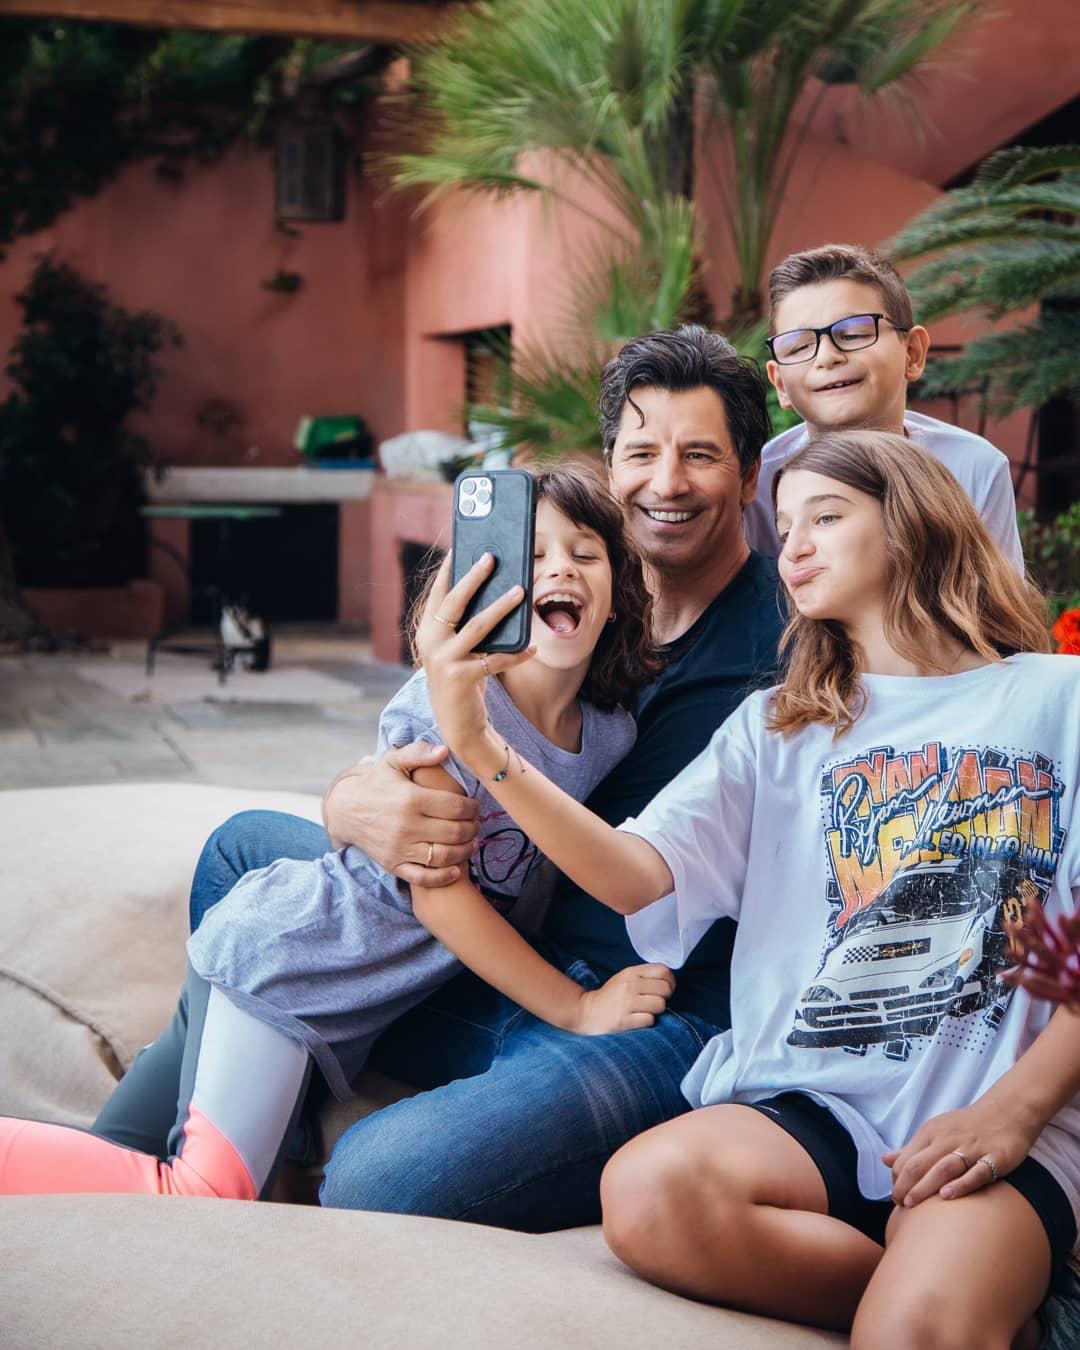 Γιορτή του Πατέρα: Διάσημοι μπαμπάδες στο Instagram